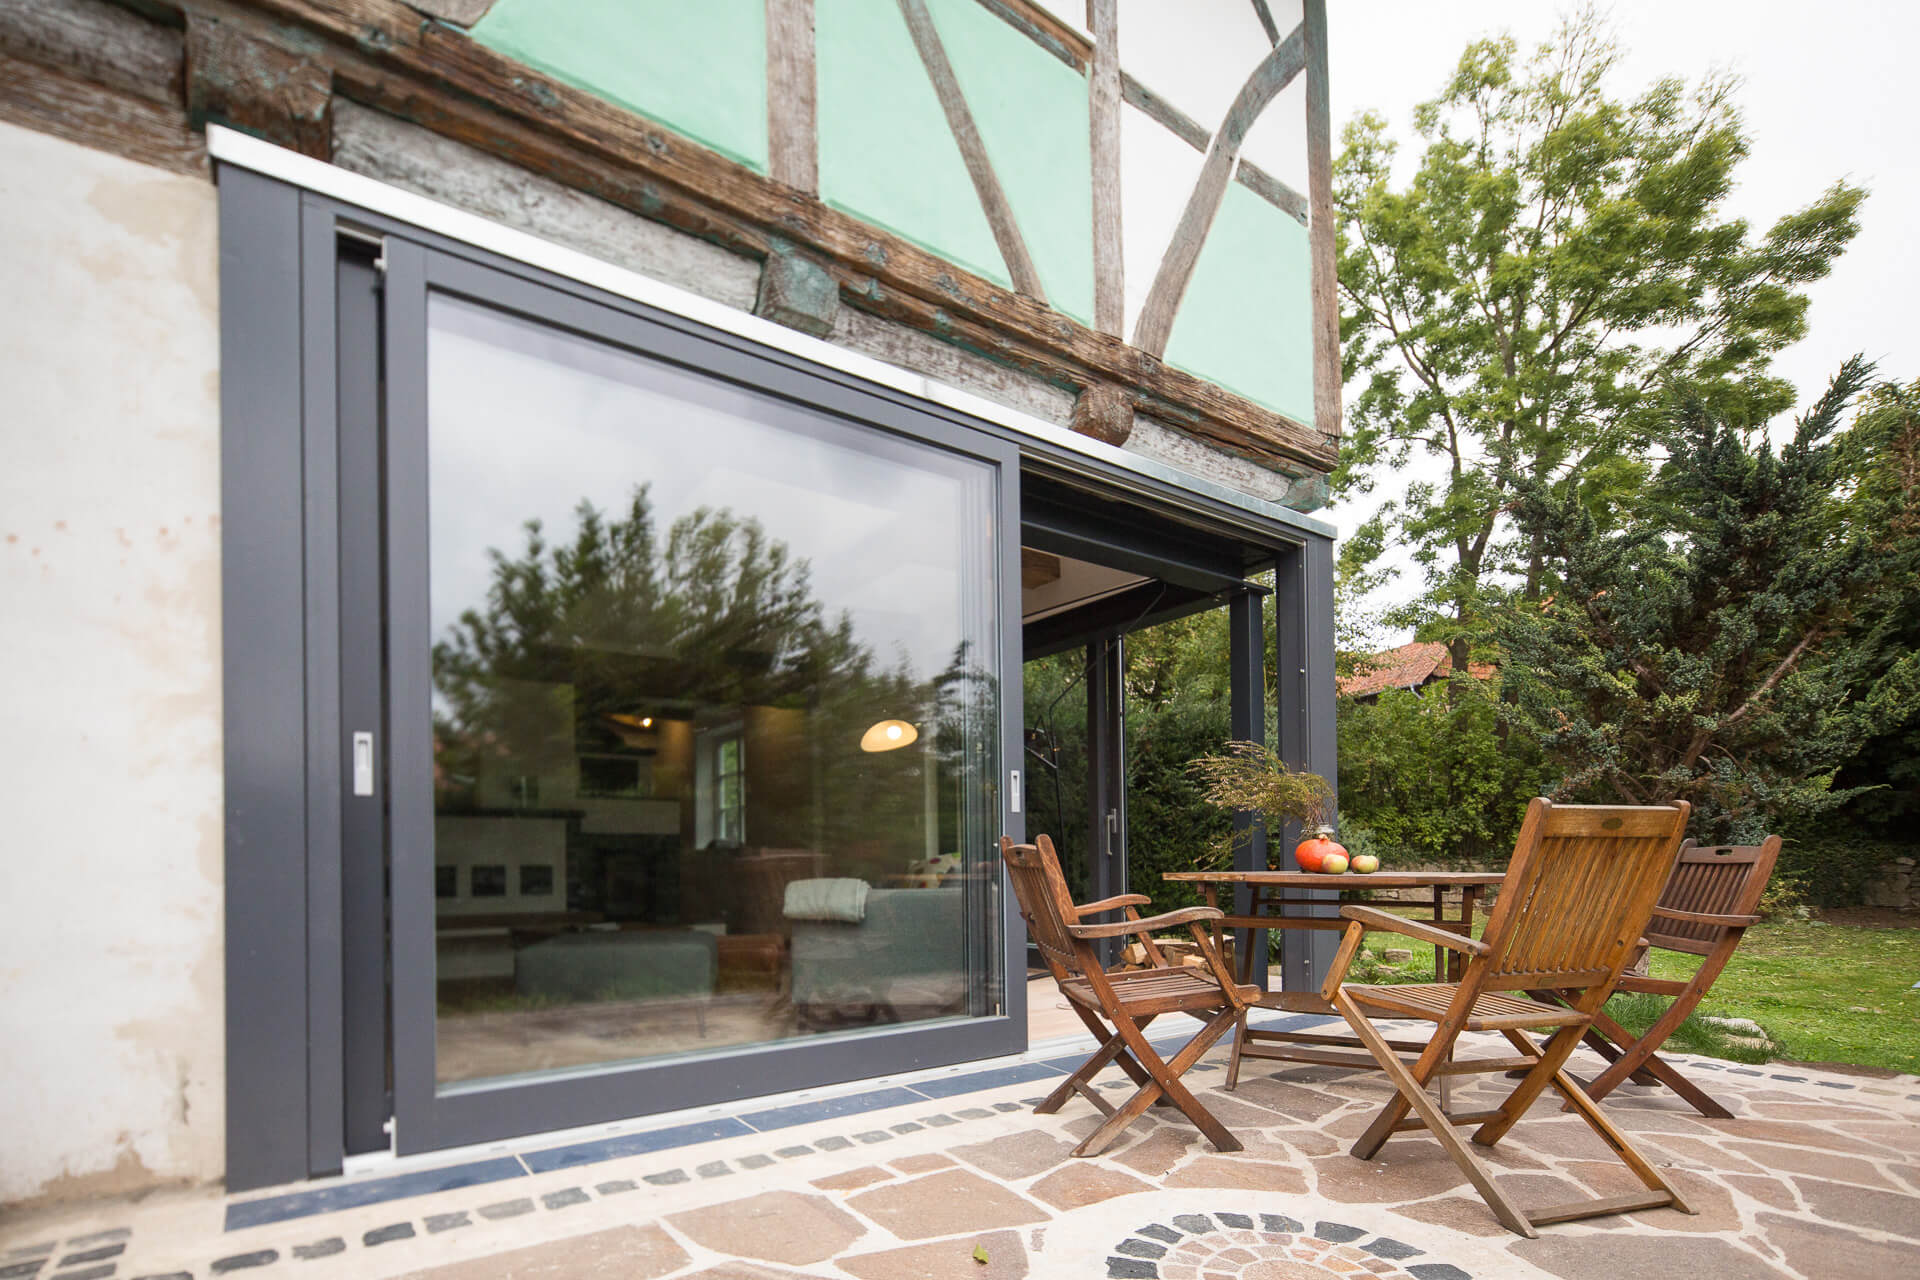 Foto Ryan Baugestaltung Fachwerkhaus Goettingen Terrasse mit Holzstuehlen und Tisch